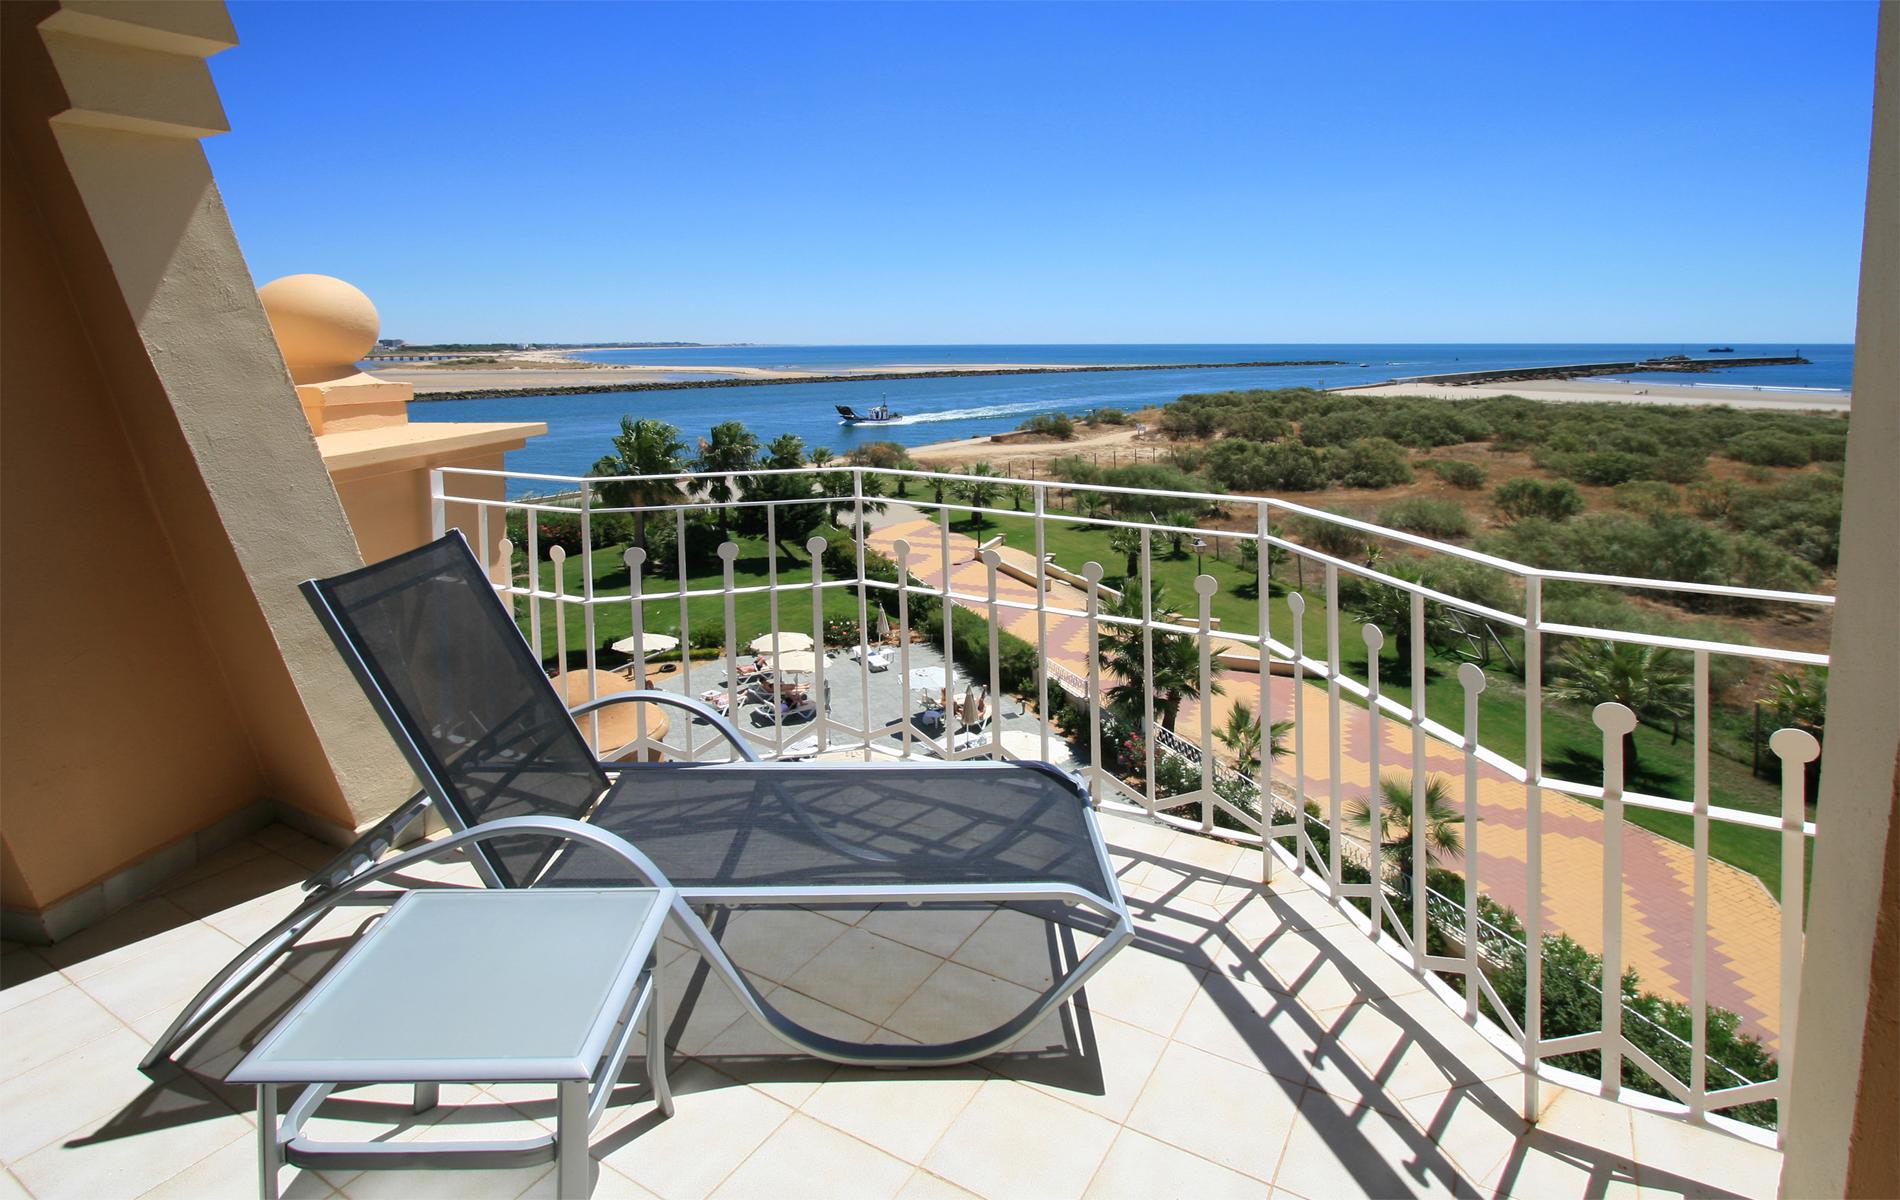 Meli hotels resorts opens the meli atl ntico isla for Melia hotel